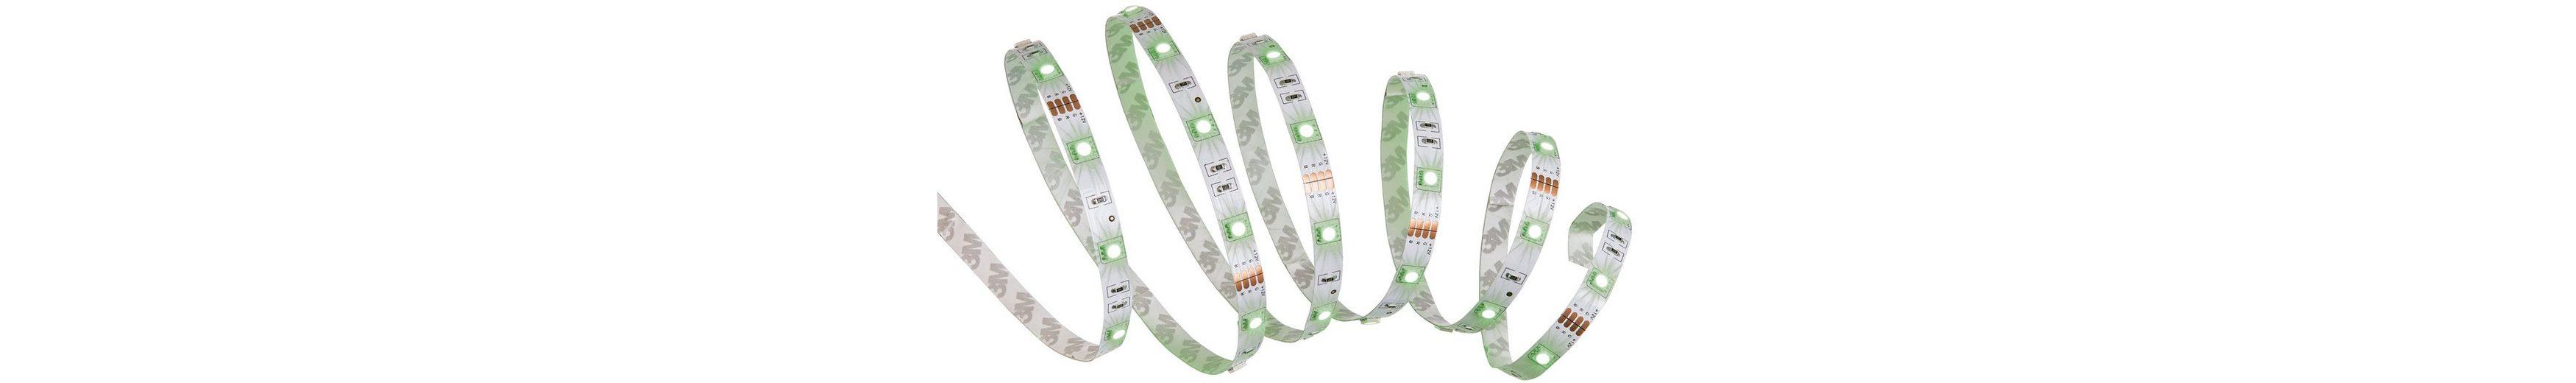 Nino Leuchten LED Flexband mit RGB-Farbwechsler